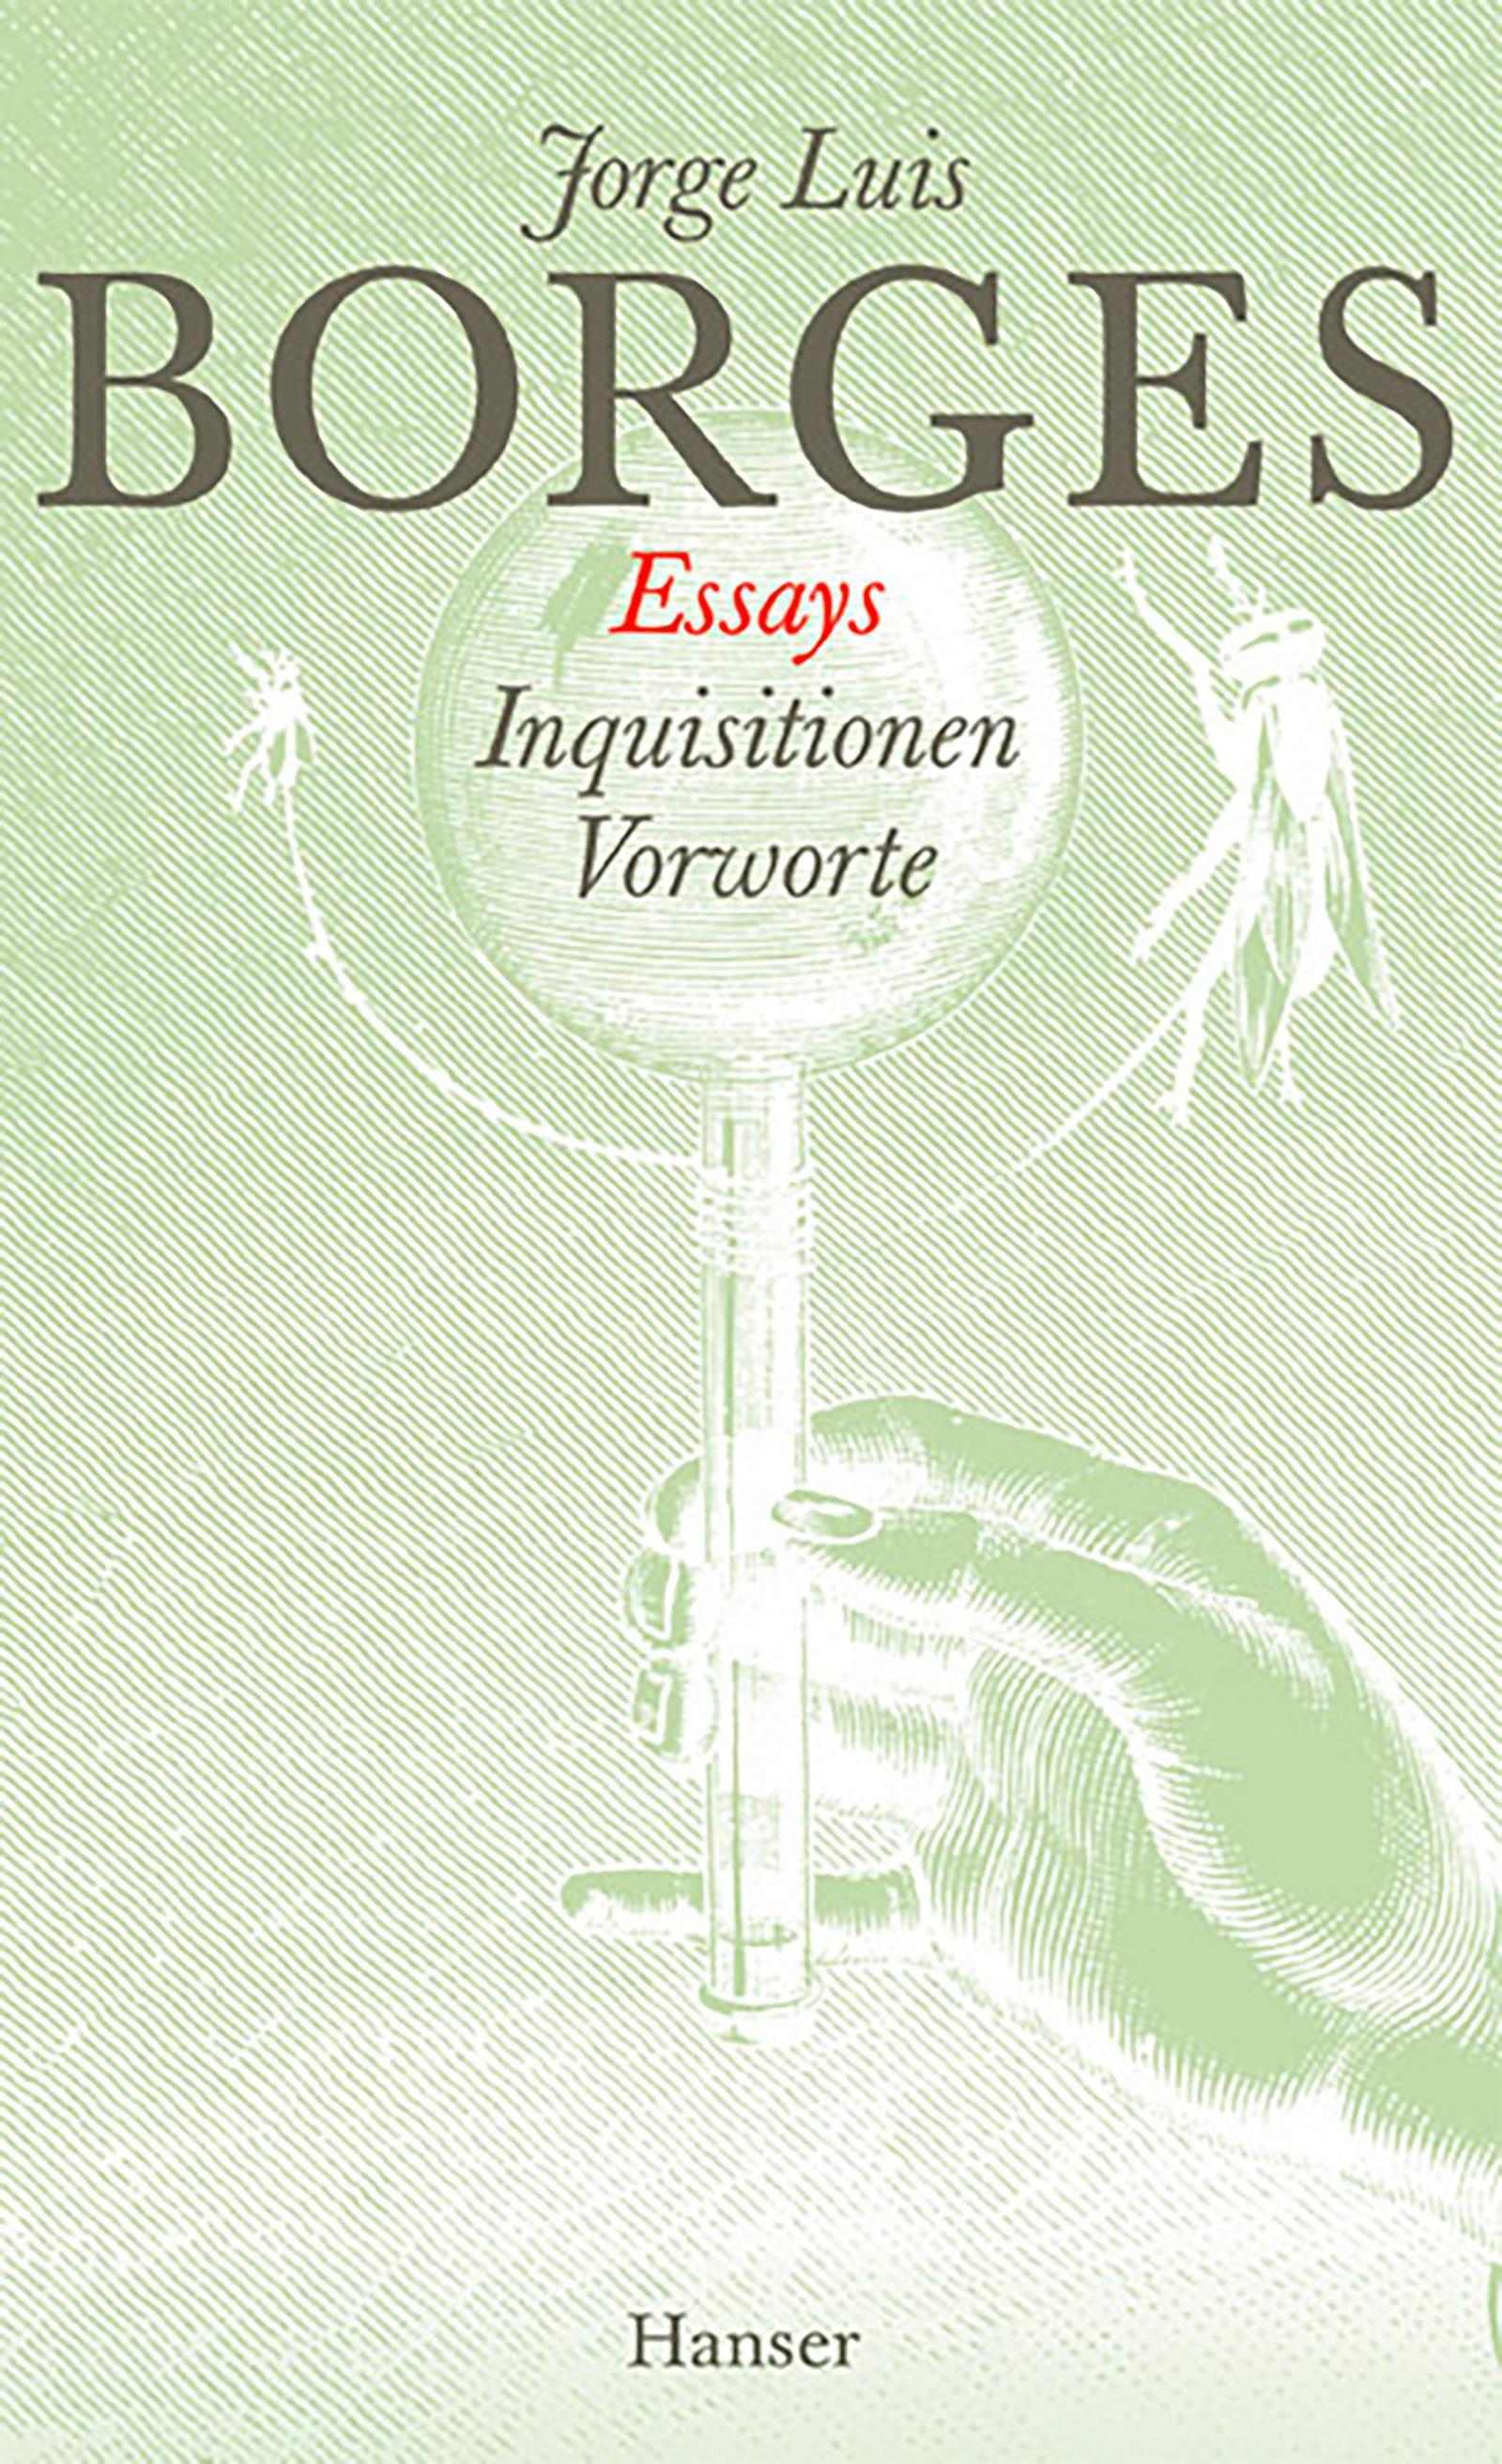 Gesammelte Werke in zwölf Bänden. Band 3: Der Essays dritter Teil